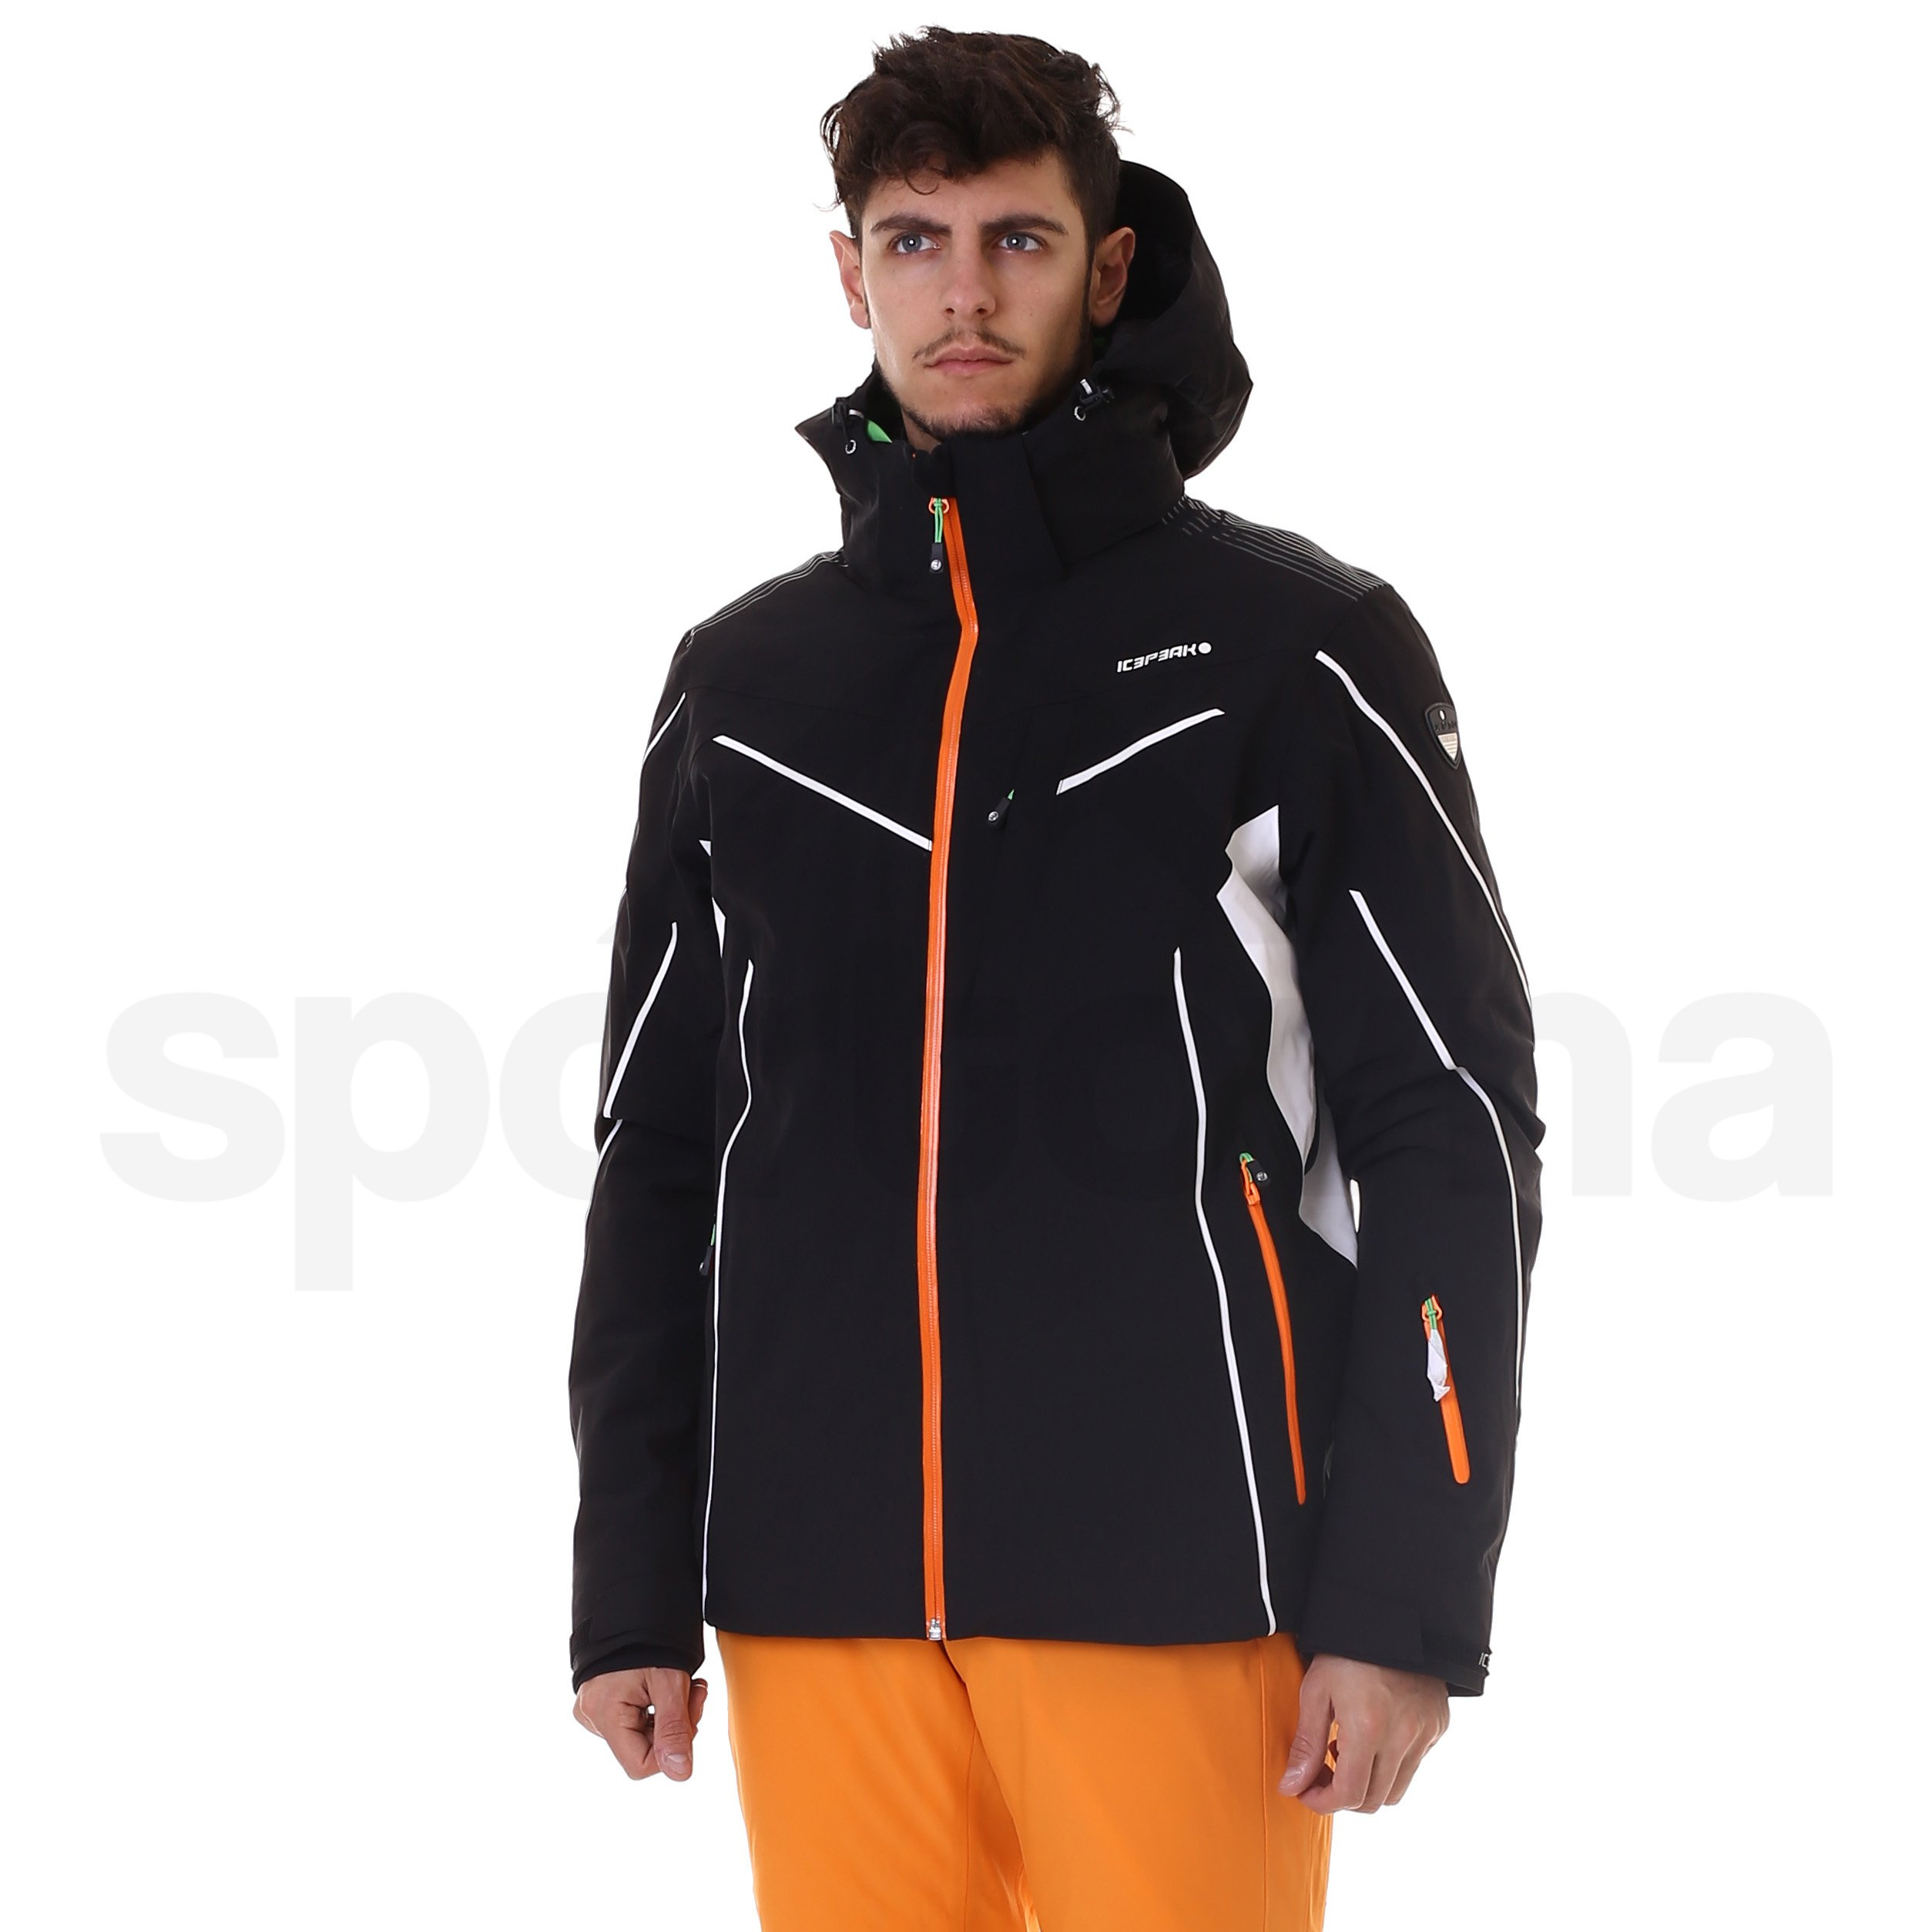 icepeak-naori-jacket-icepeak-300589